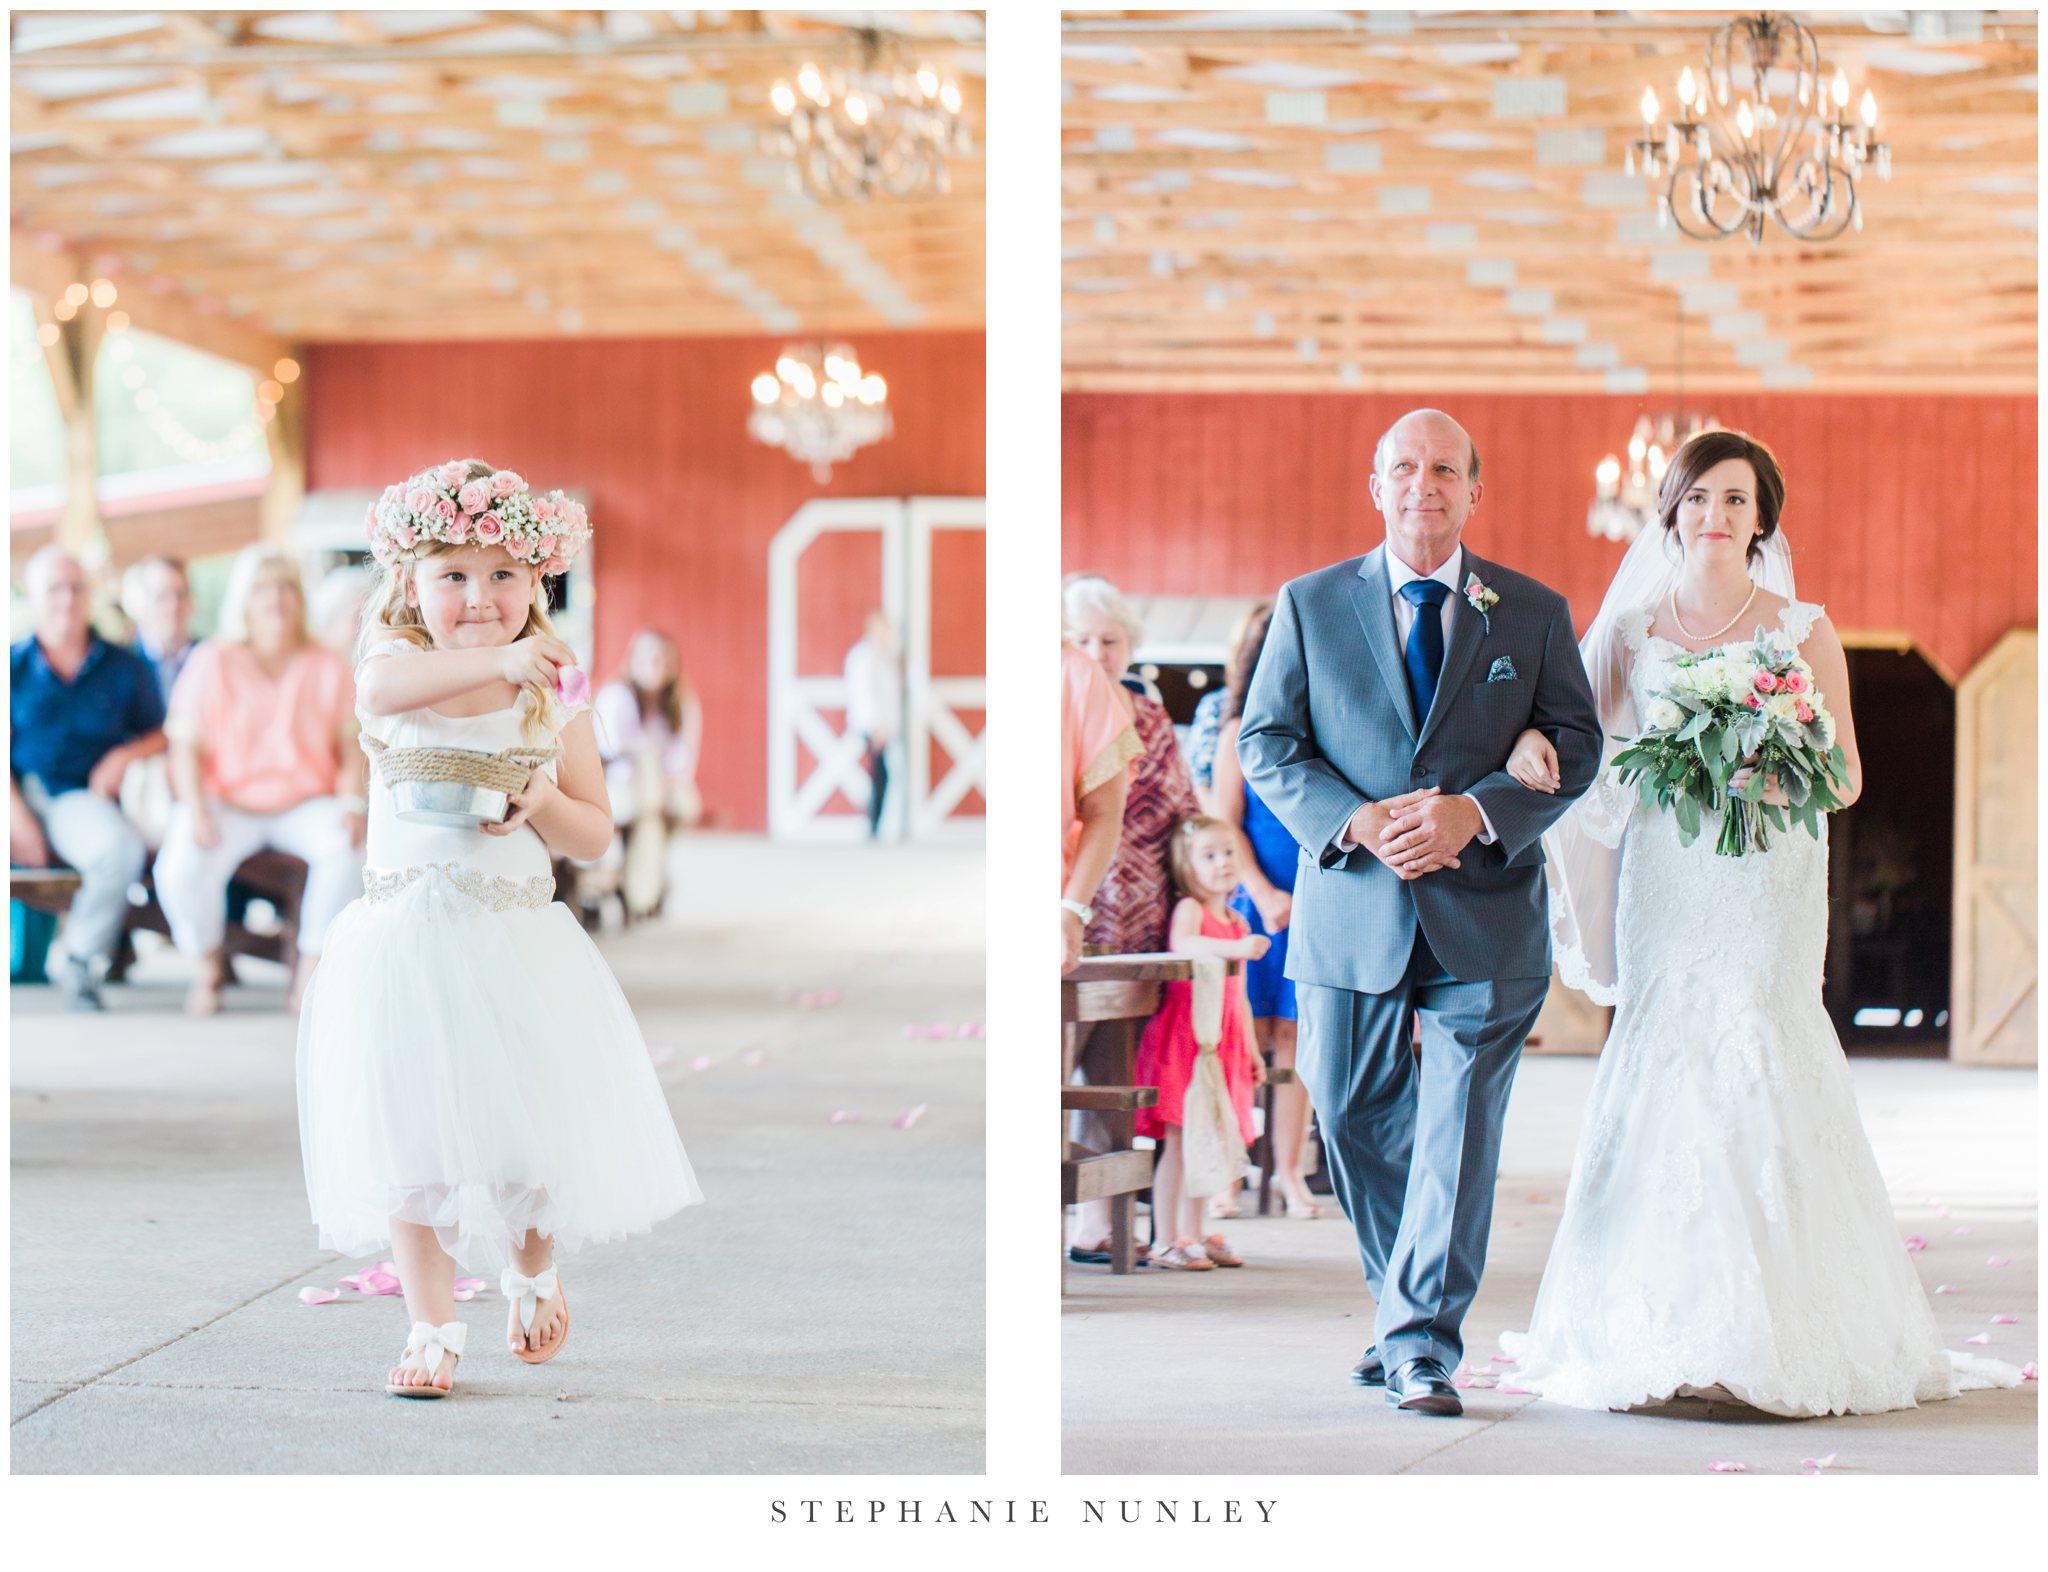 arkansas-outdoor-film-inspired-wedding-0033.jpg